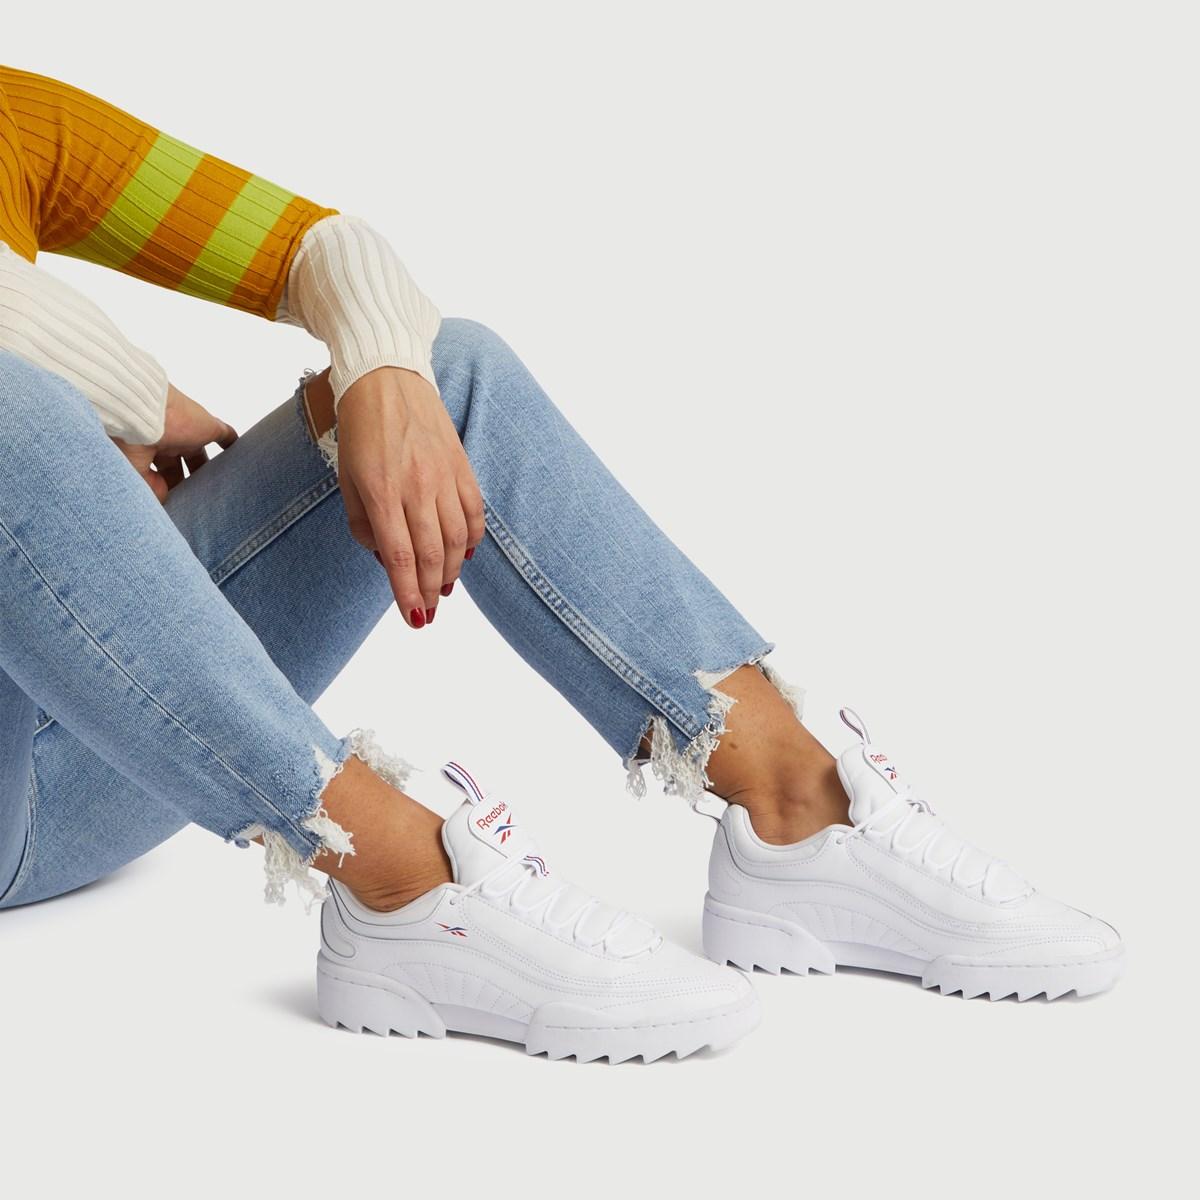 Women's Rivyx Ripple Sneakers in White